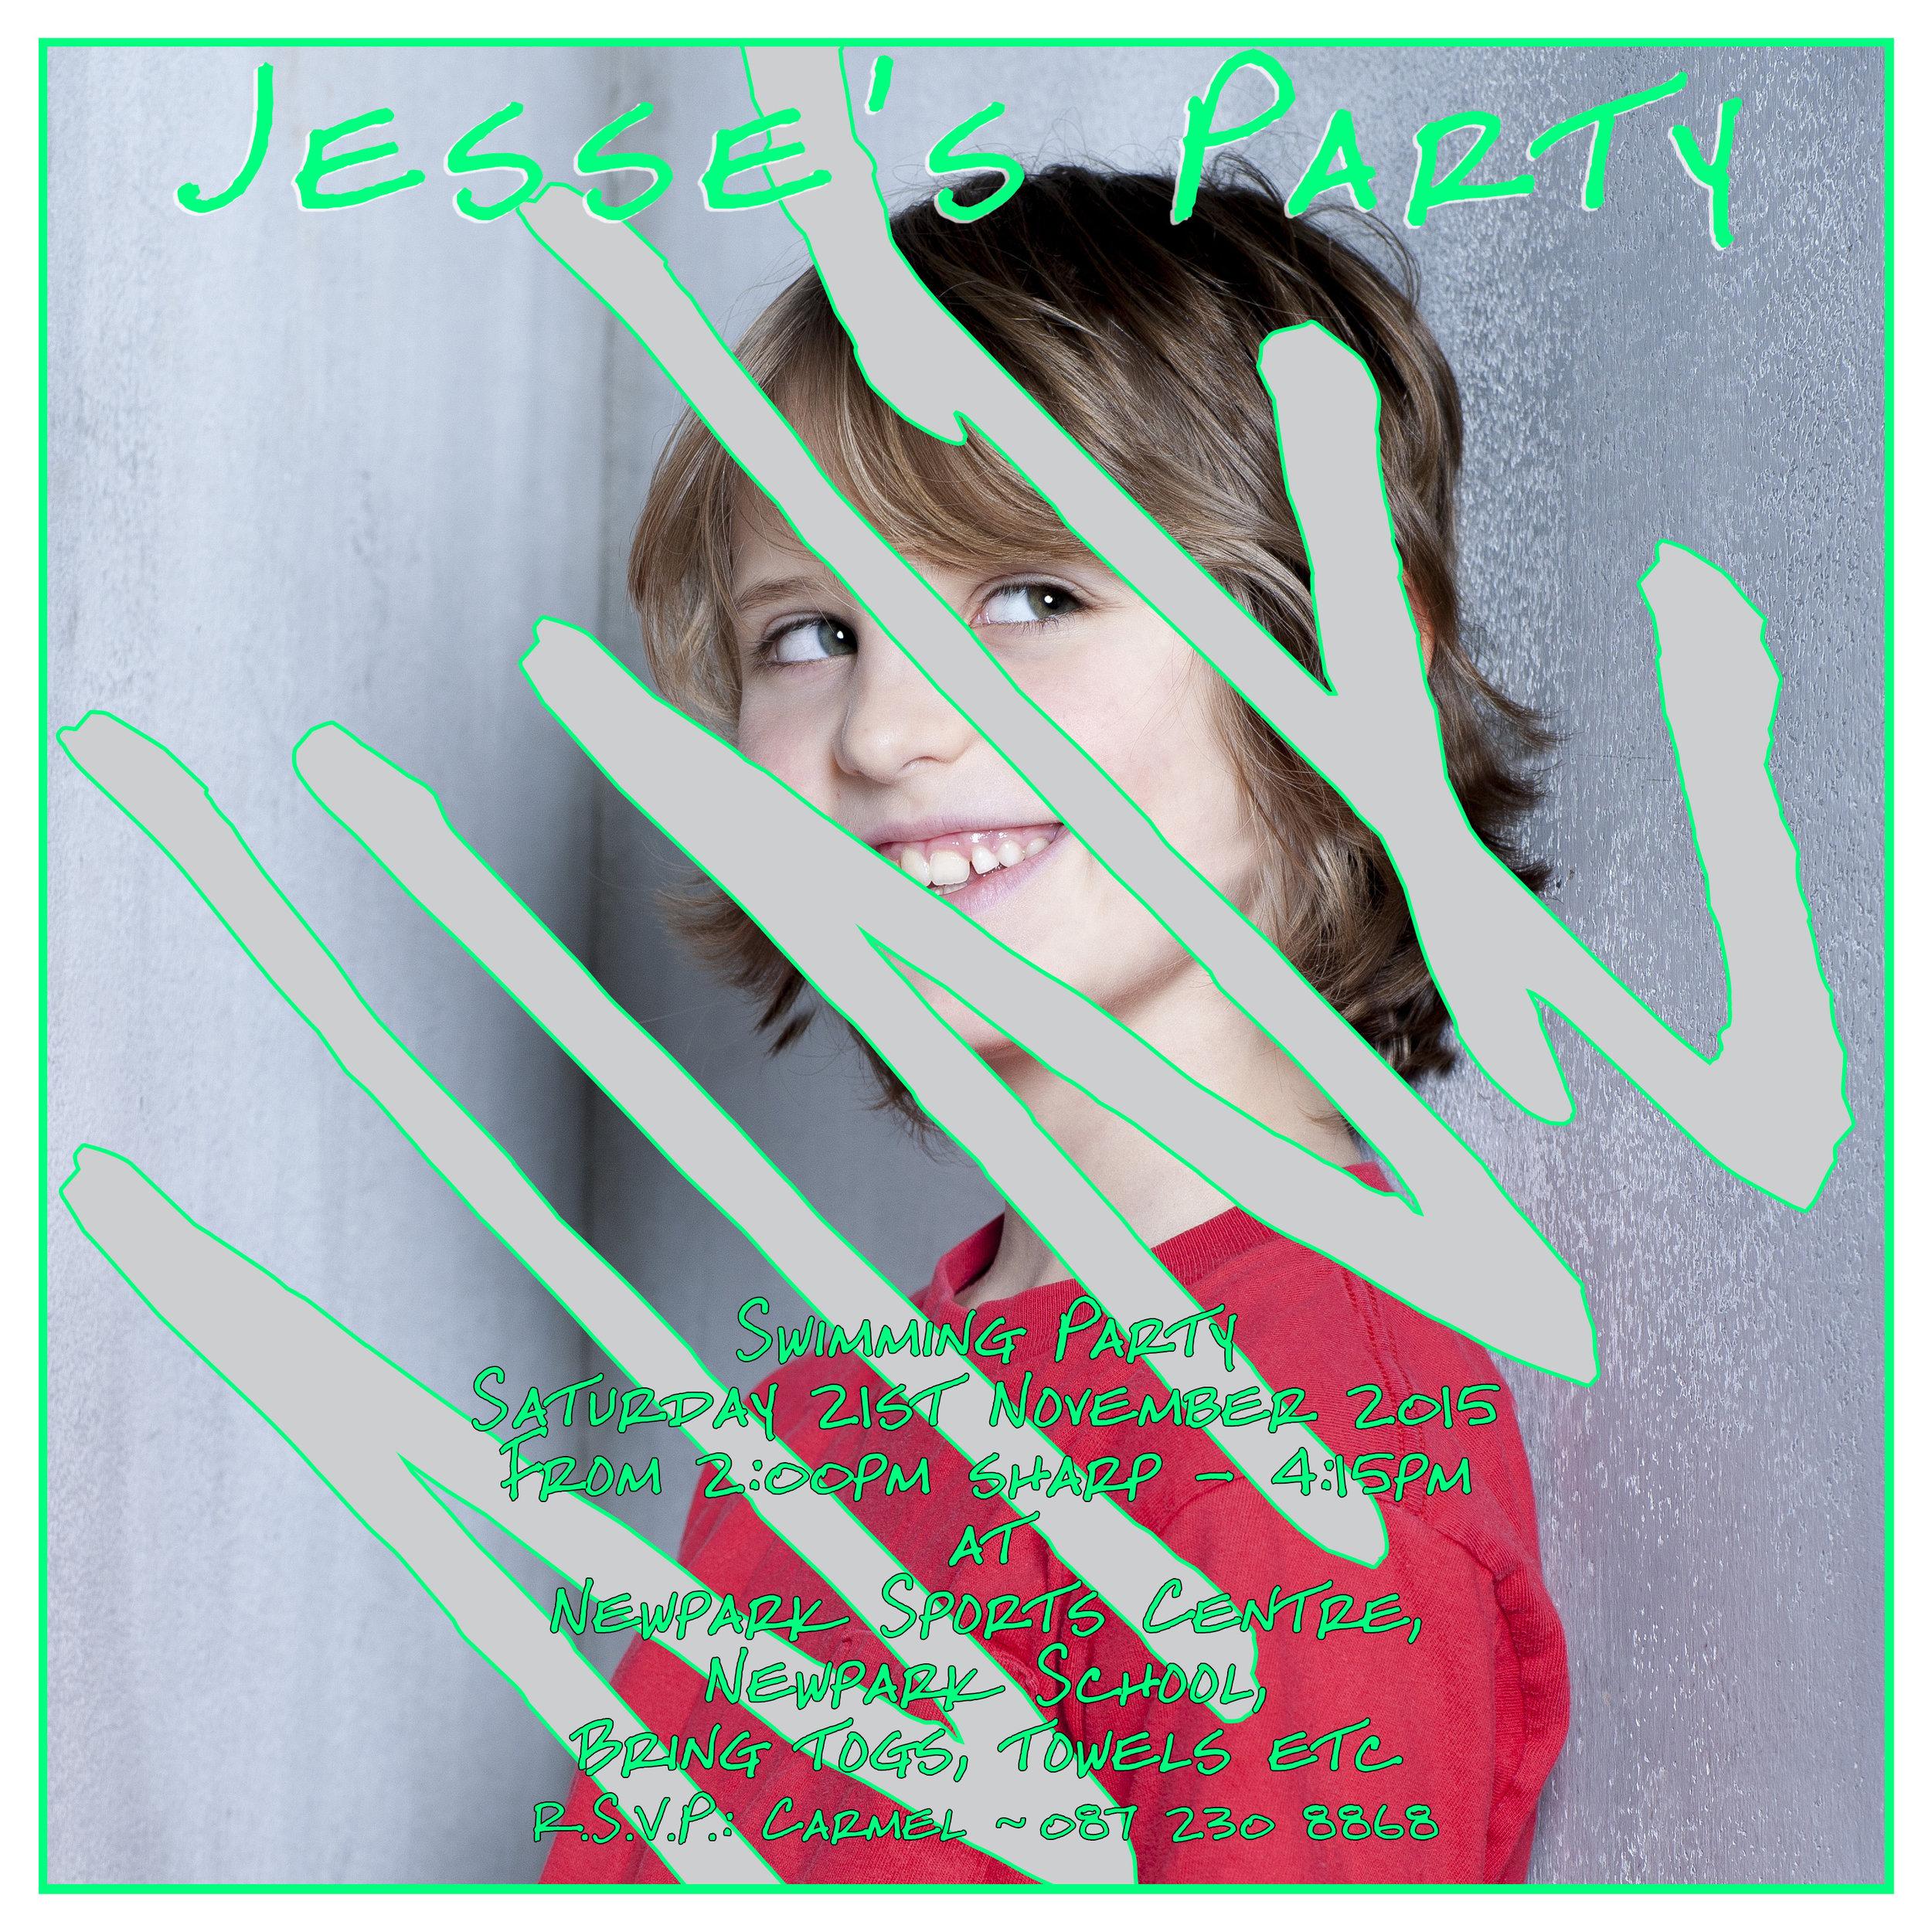 Jesse 2015 Nine.jpg